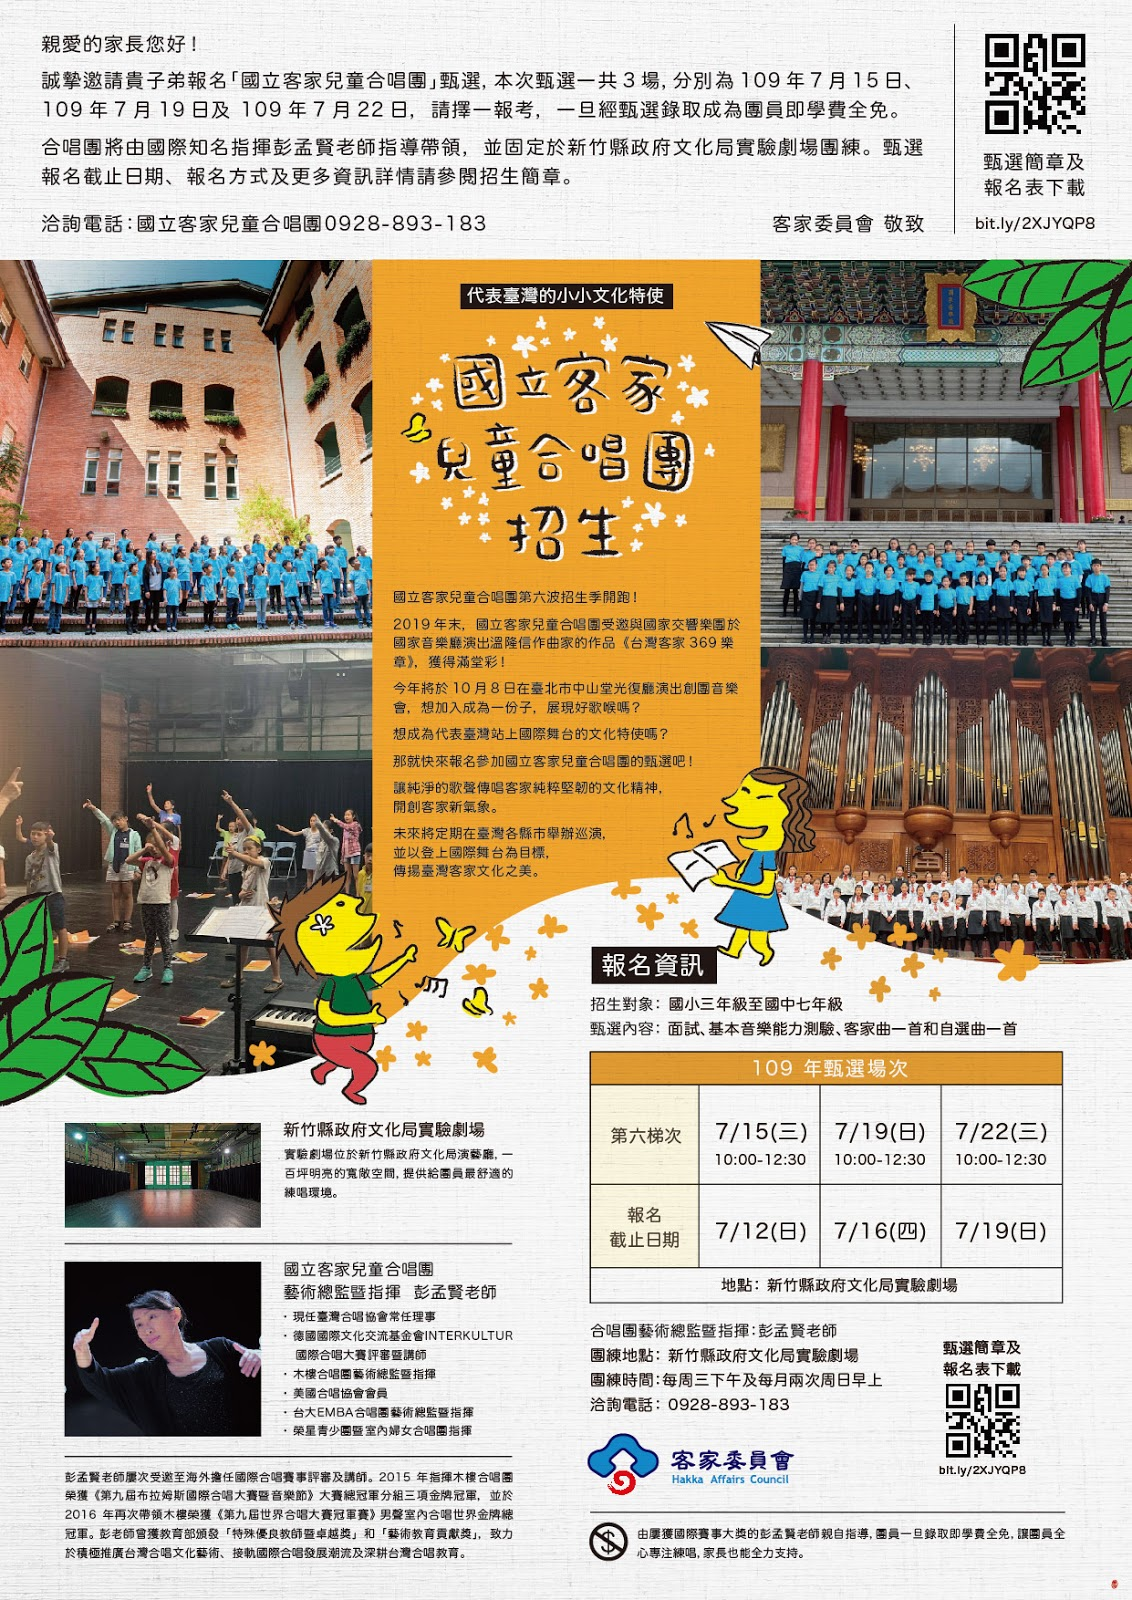 臺南市西門實驗小學全球資訊網: 客家委員會「國立客家兒童合唱團」辦理109年度第二梯次團員甄選